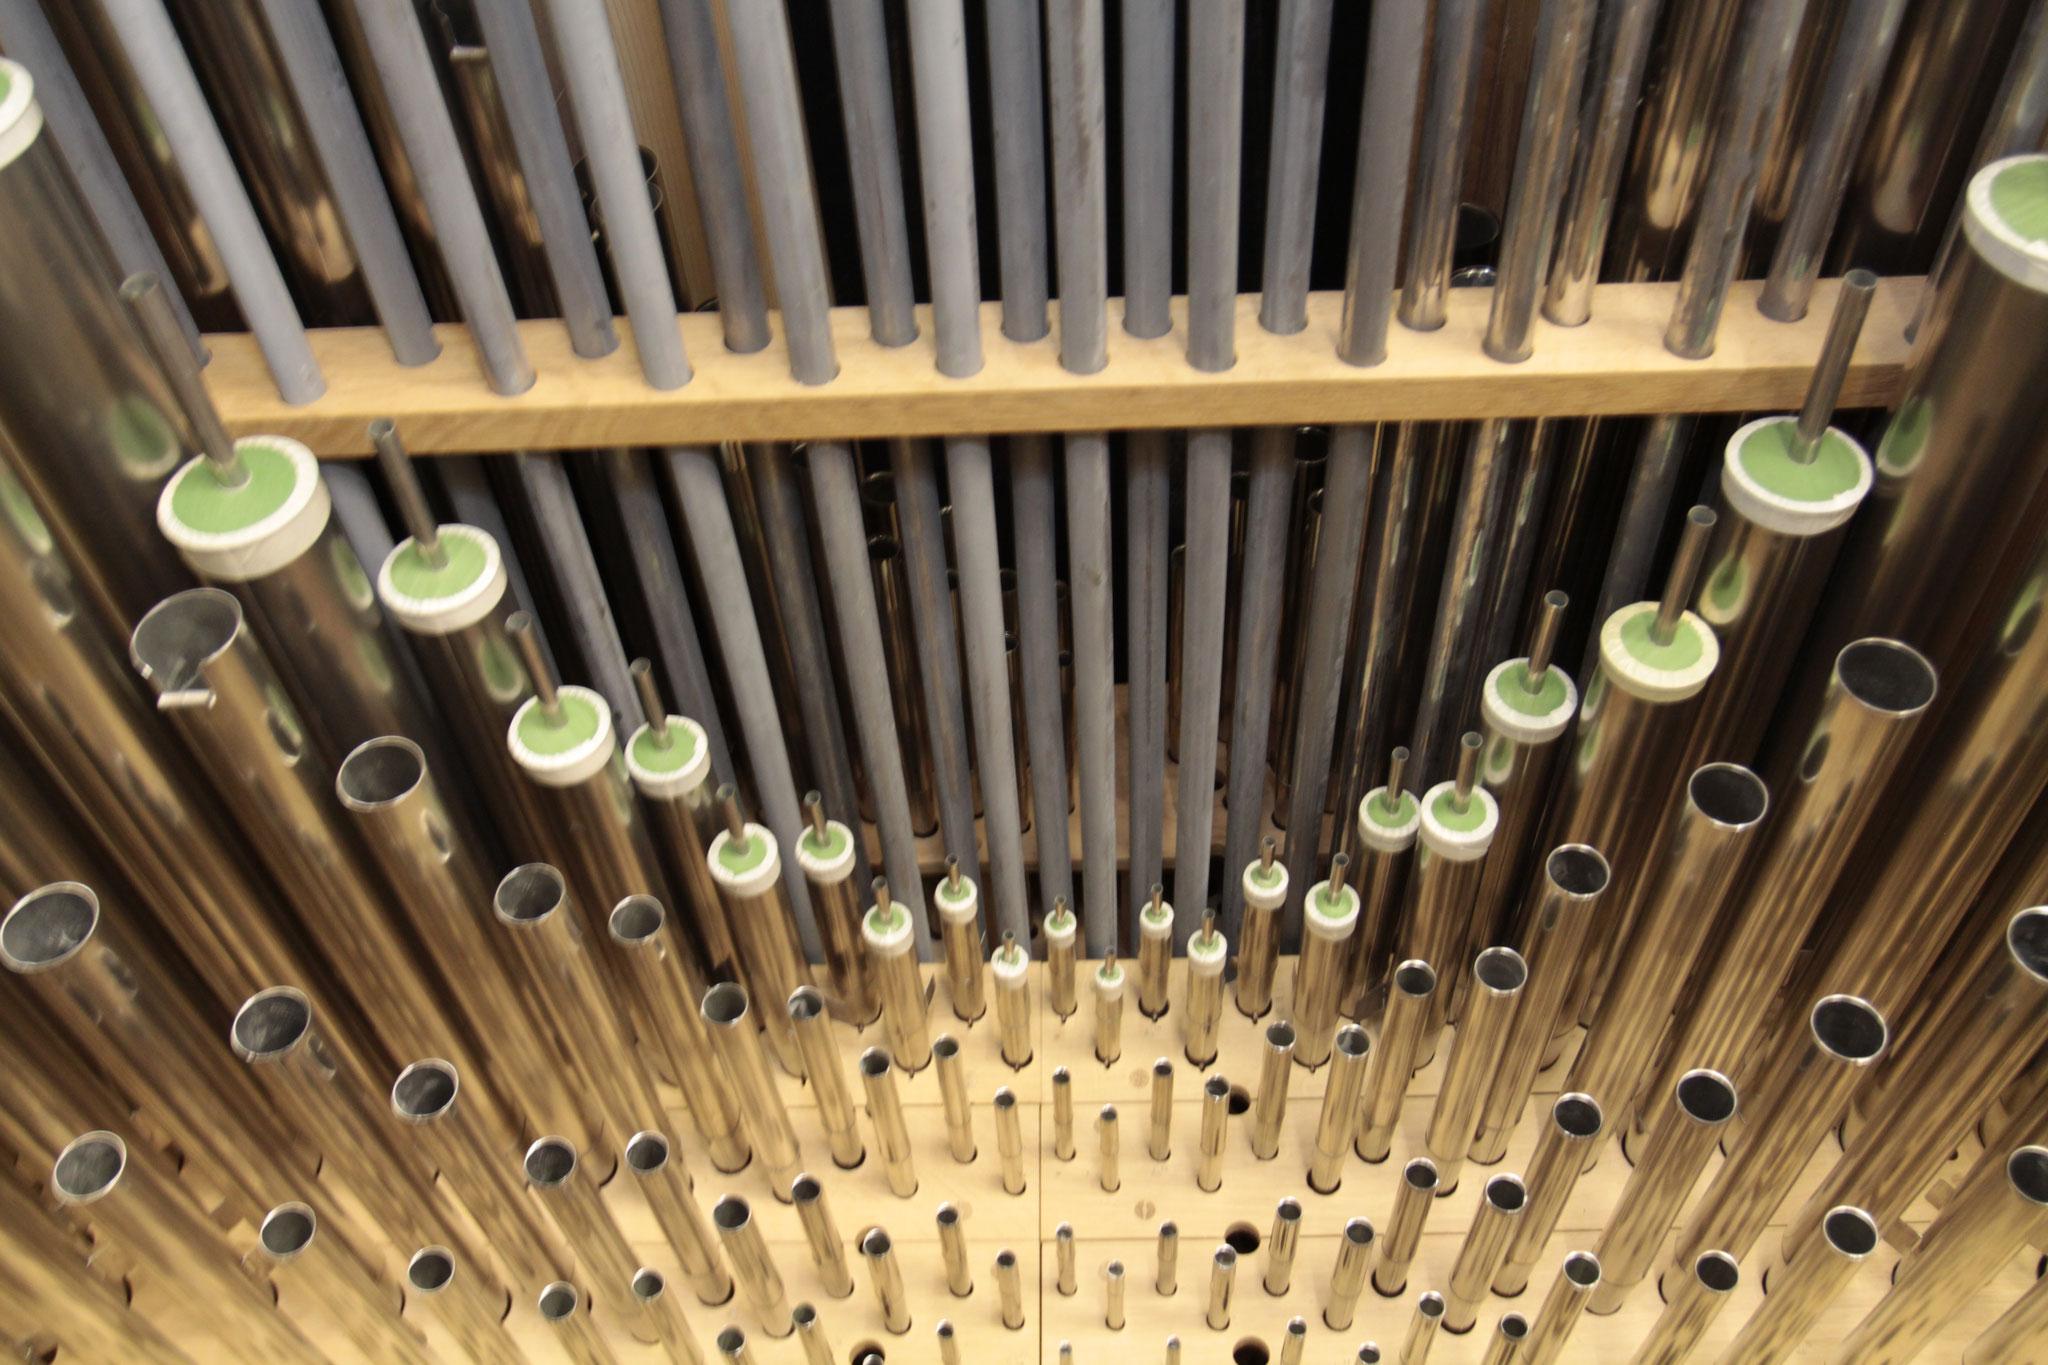 Flûte à cheminée mit noch-nicht-zugelöteten Deckeln (Photo: Franz Peters, Goch)